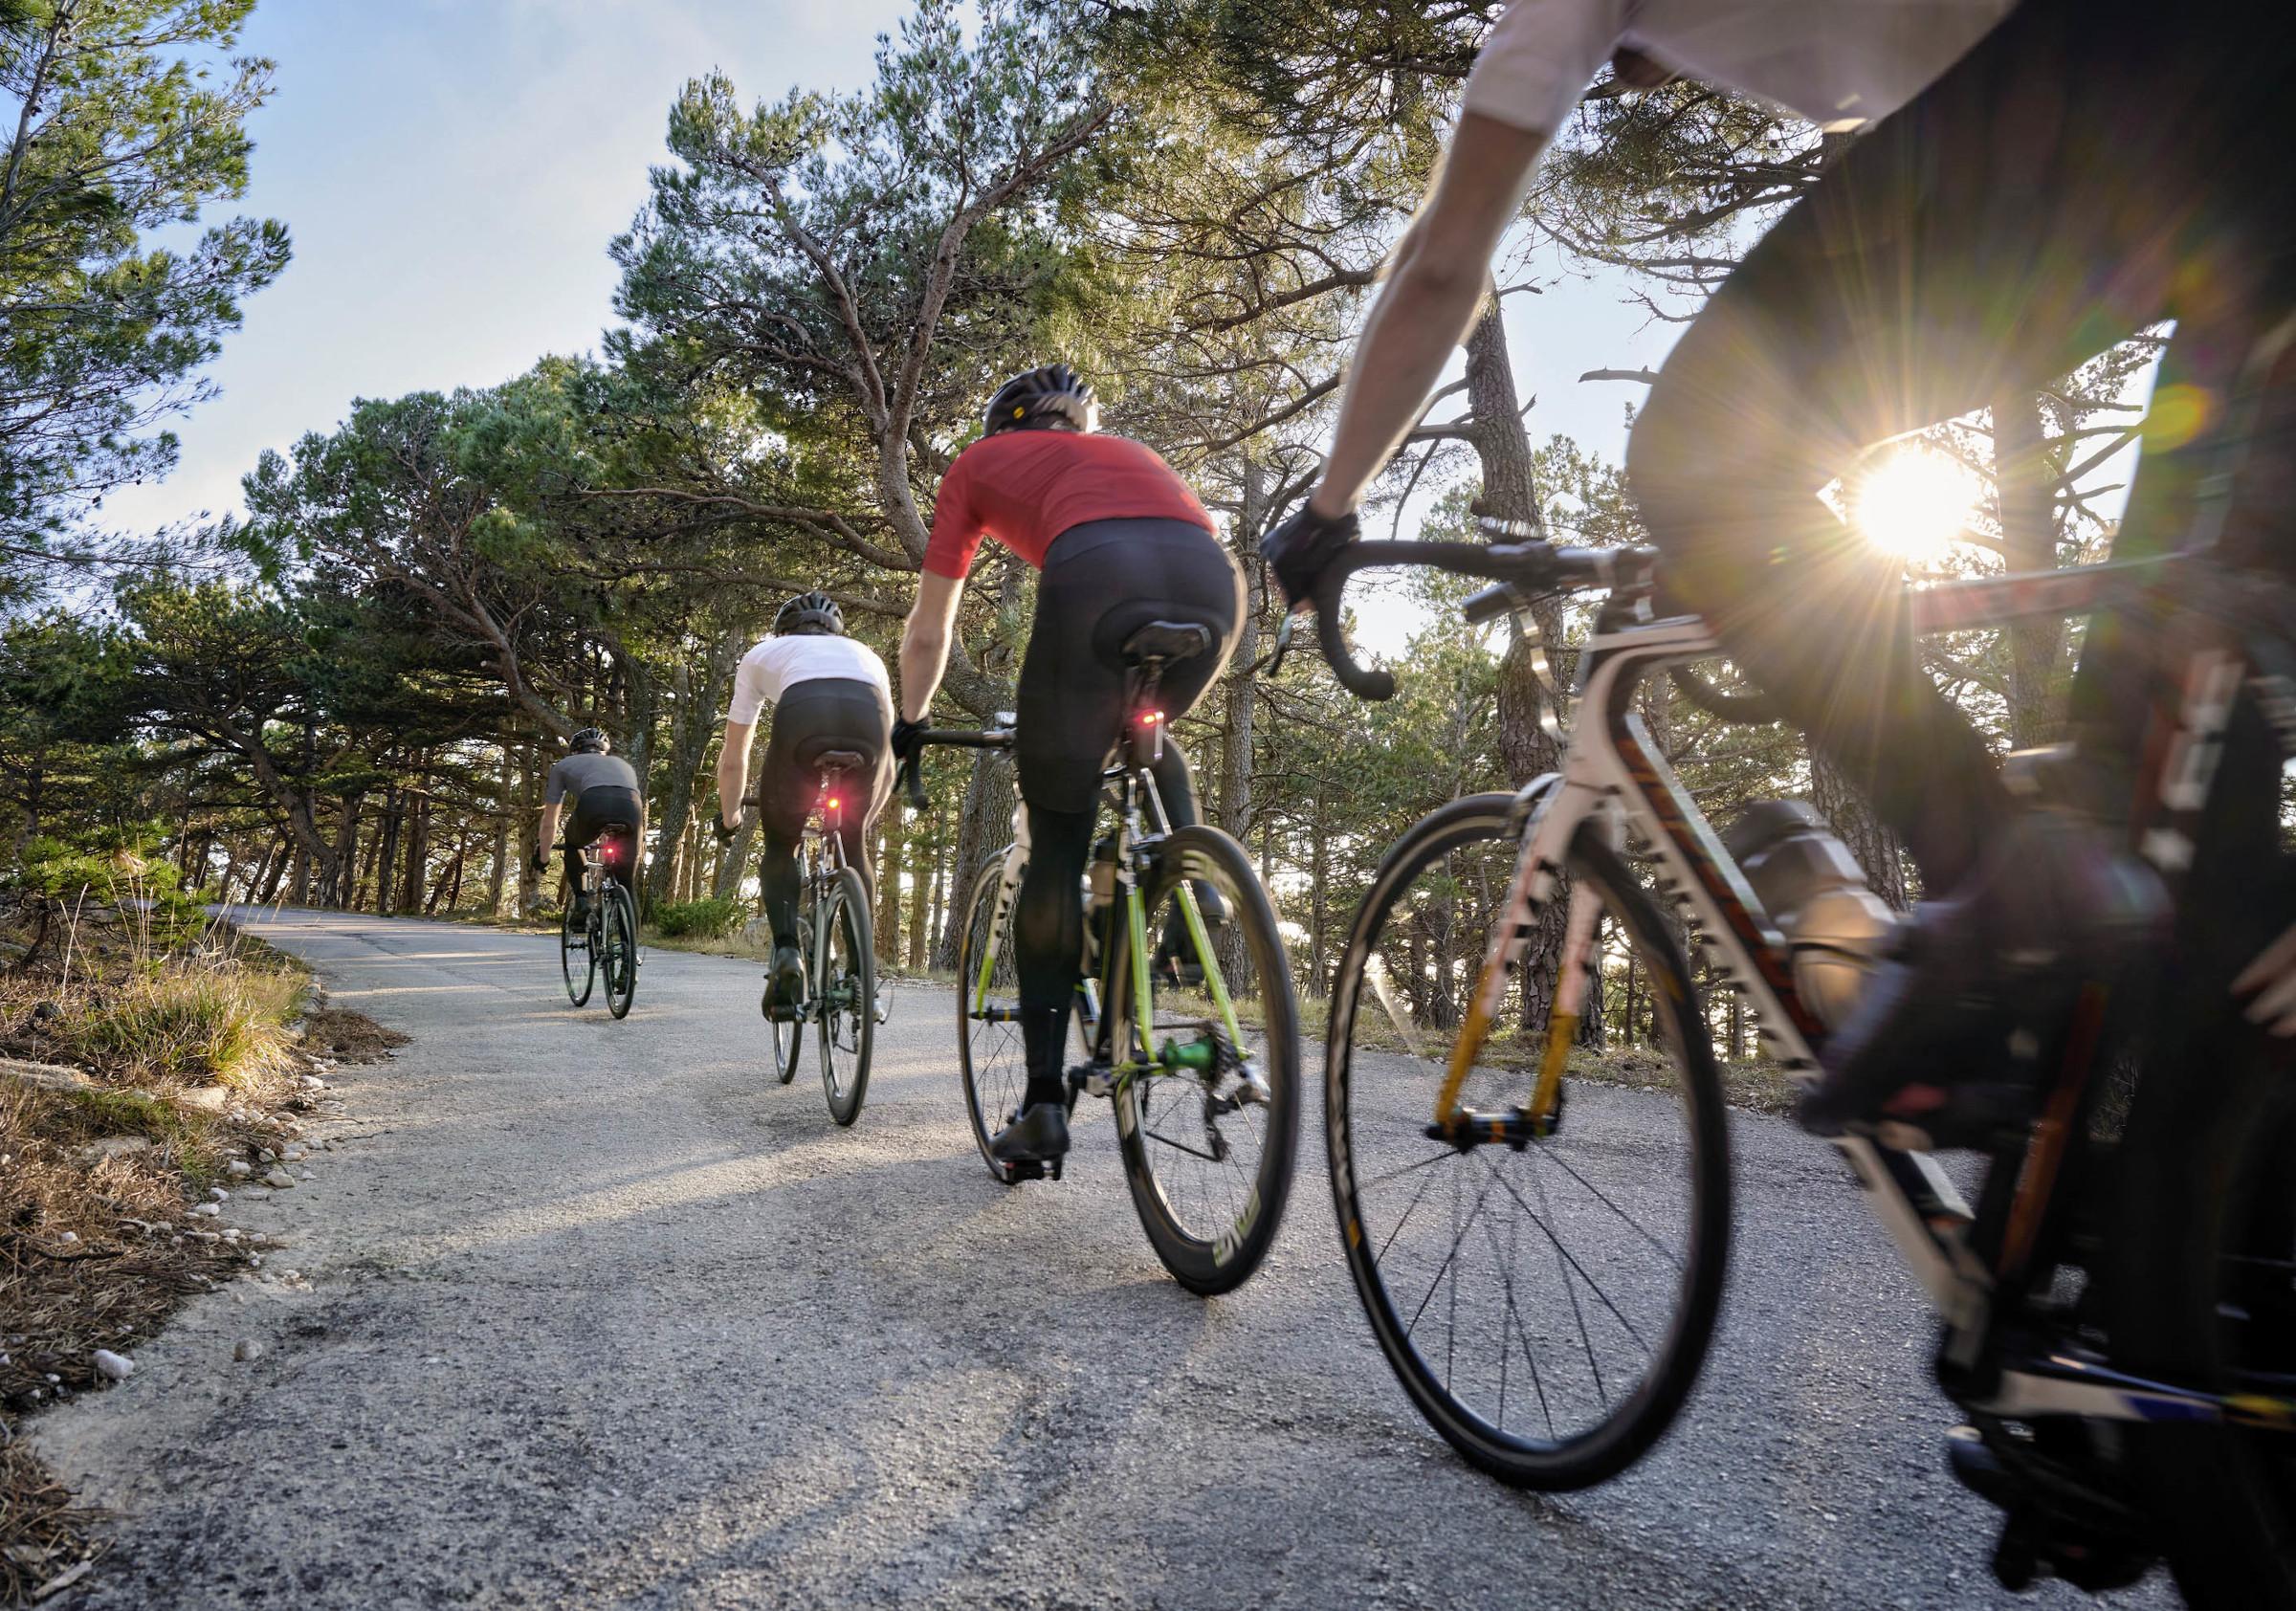 prodotti per correre meno rischi in bicicletta